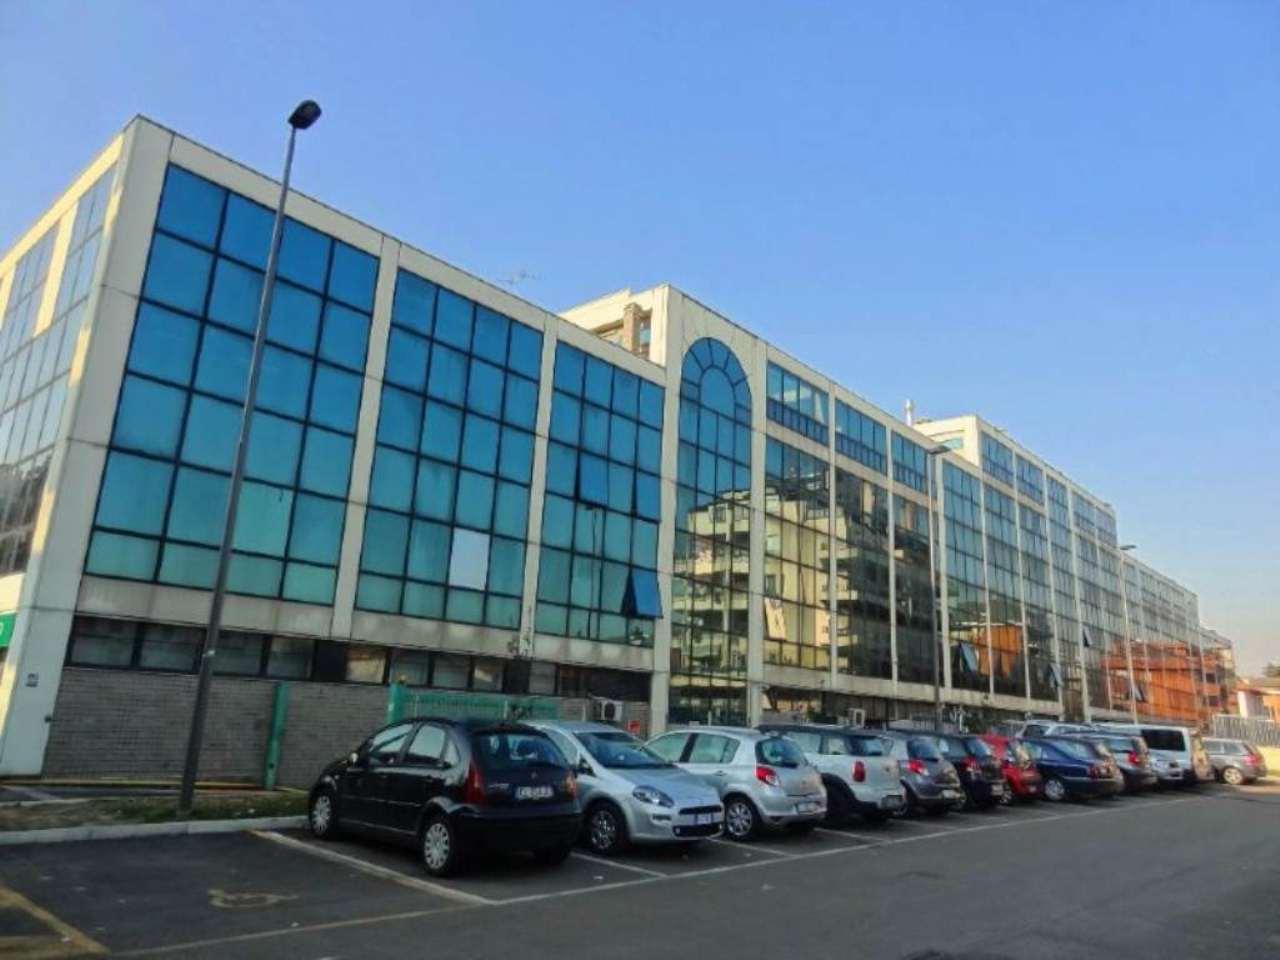 Ufficio / Studio in vendita a Bresso, 9999 locali, prezzo € 625.000 | CambioCasa.it